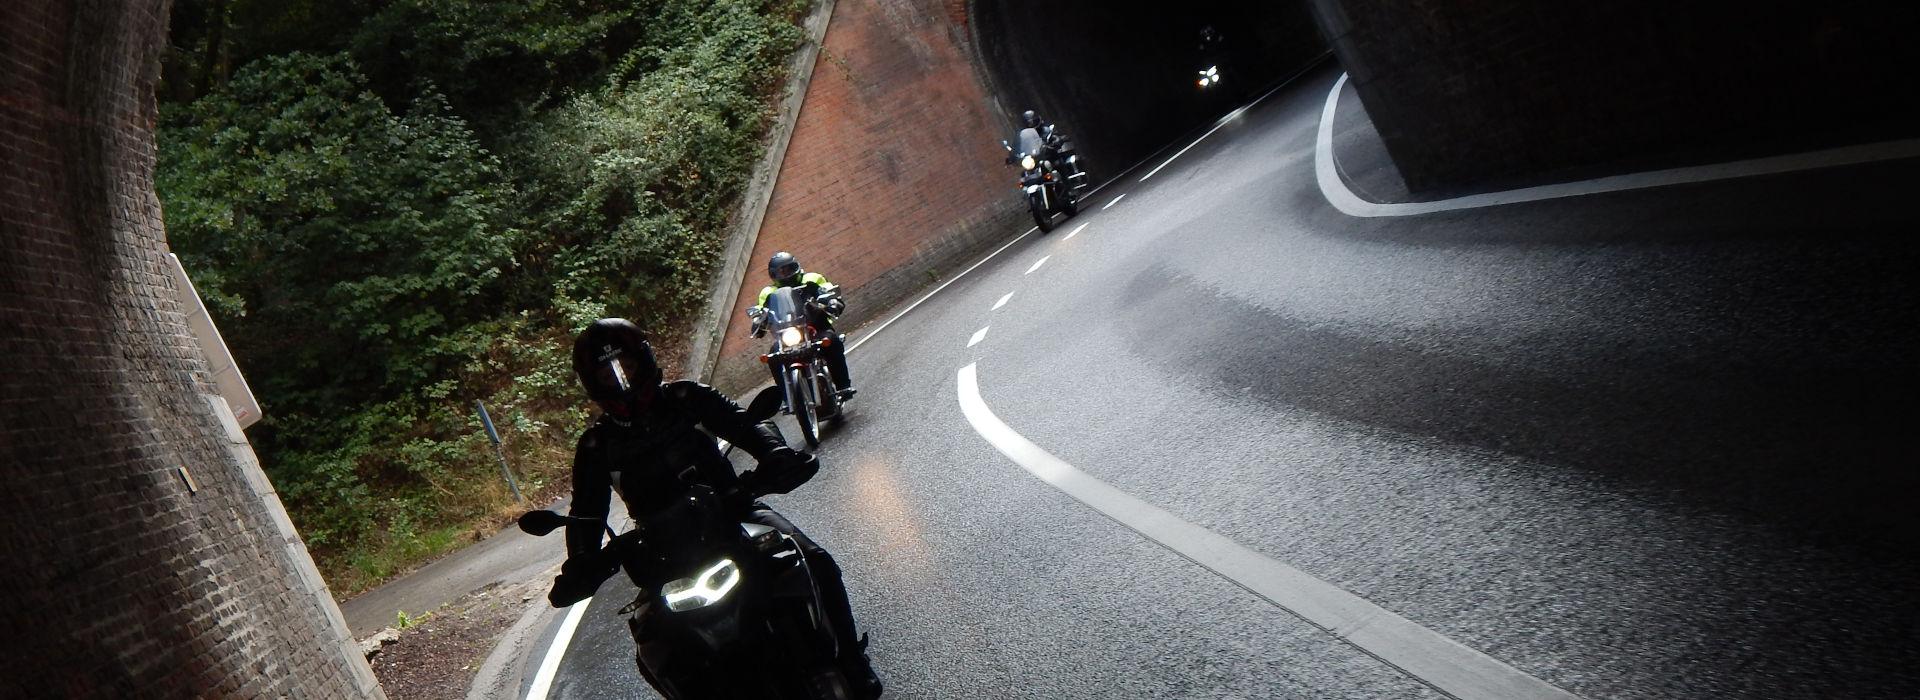 Motorrijbewijspoint Bilthoven motorrijlessen